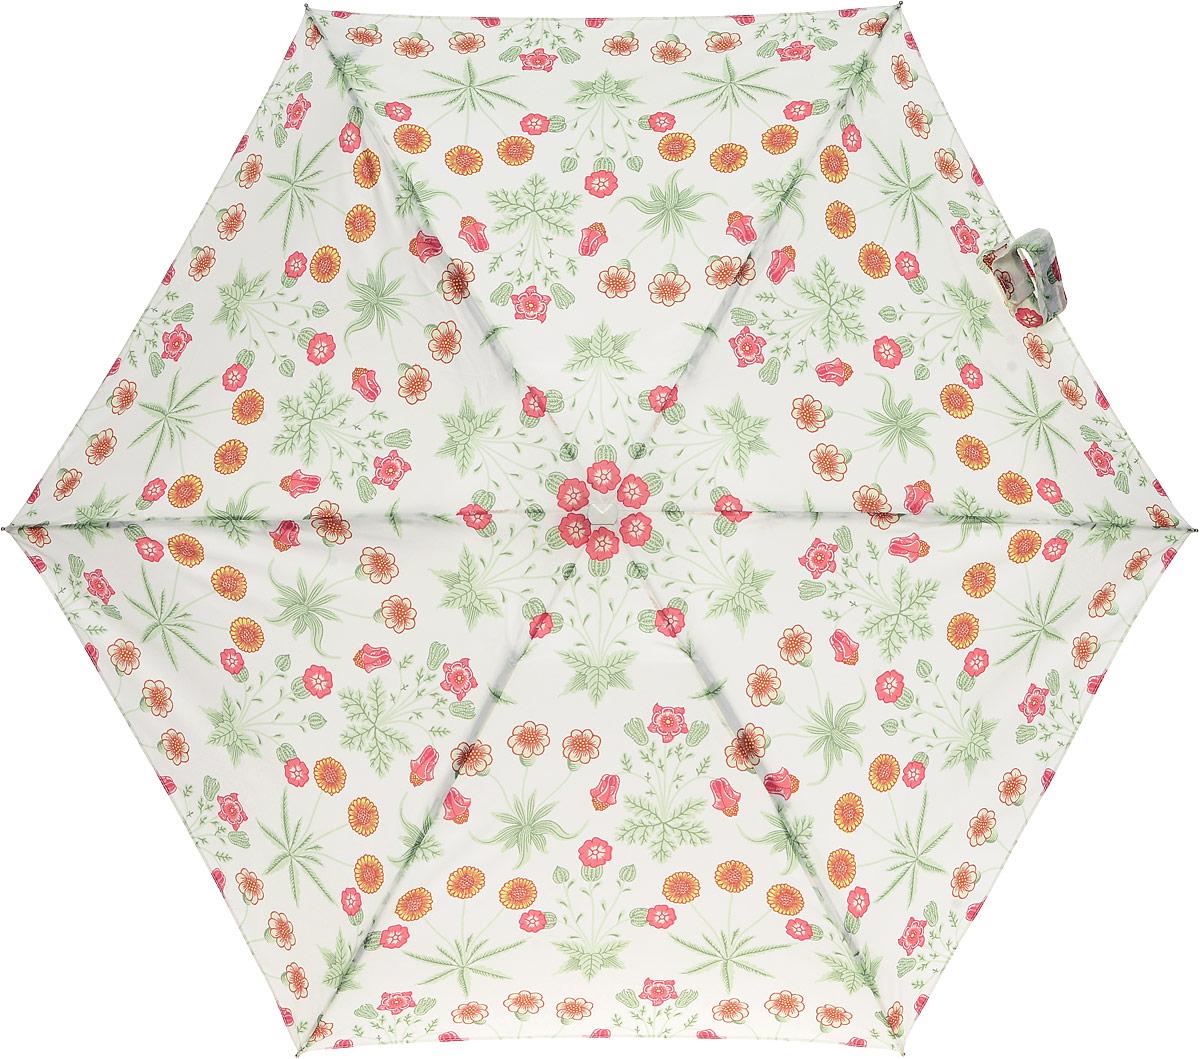 Зонт женский Morris & Co Tiny, механический, 5 сложений, цвет: белый, мультиколор. L713-2794L713-2794 DaisyСтильный механический зонт Morris & Co Tiny в 5 сложений даже в ненастную погоду позволит вам оставаться элегантной. Облегченный каркас зонта выполнен из 6 спиц из фибергласса и алюминия, стержень также изготовлен из алюминия, удобная рукоятка - из дерева. Купол зонта выполнен из прочного полиэстера. В закрытом виде застегивается хлястиком на липучке. Яркий оригинальный цветочный рисунок поднимет настроение в дождливый день. Зонт механического сложения: купол открывается и закрывается вручную до характерного щелчка. На рукоятке для удобства есть небольшой шнурок, позволяющий надеть зонт на руку тогда, когда это будет необходимо. К зонту прилагается чехол, который оформлен нашивкой с названием бренда. Такой зонт компактно располагается в кармане, сумочке, дверке автомобиля.